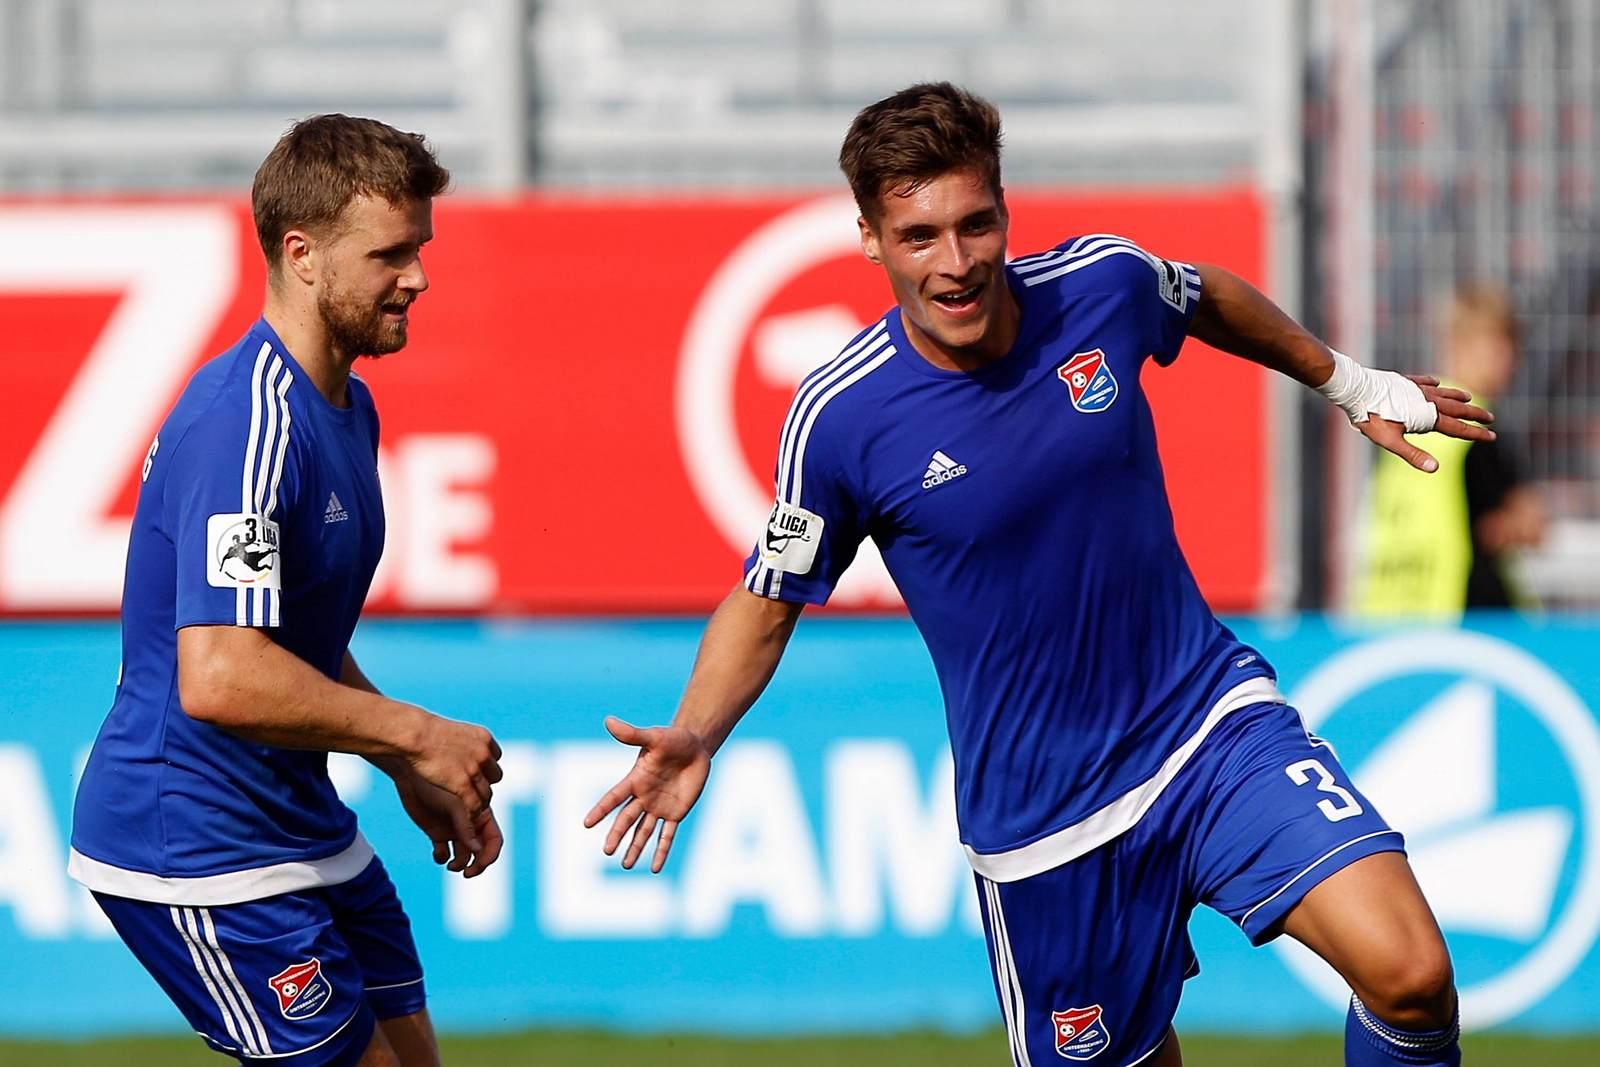 Stephan Hain und Thomas Hagn beim Torjubel.